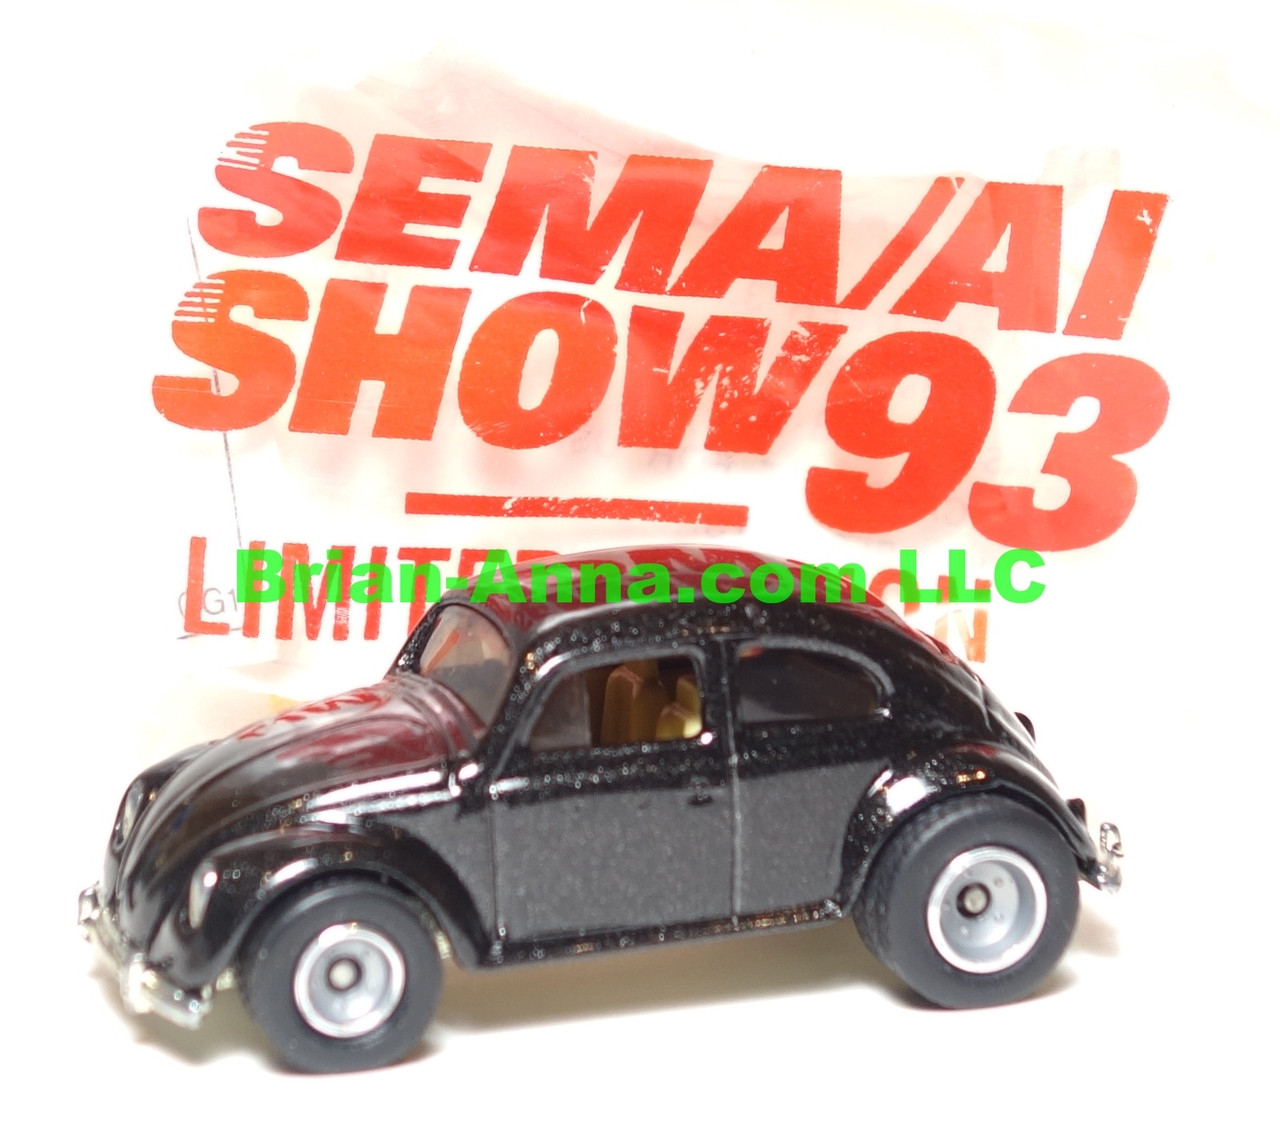 Hot Wheels 1993 SEMA Show Volkswagen Beetle promotional